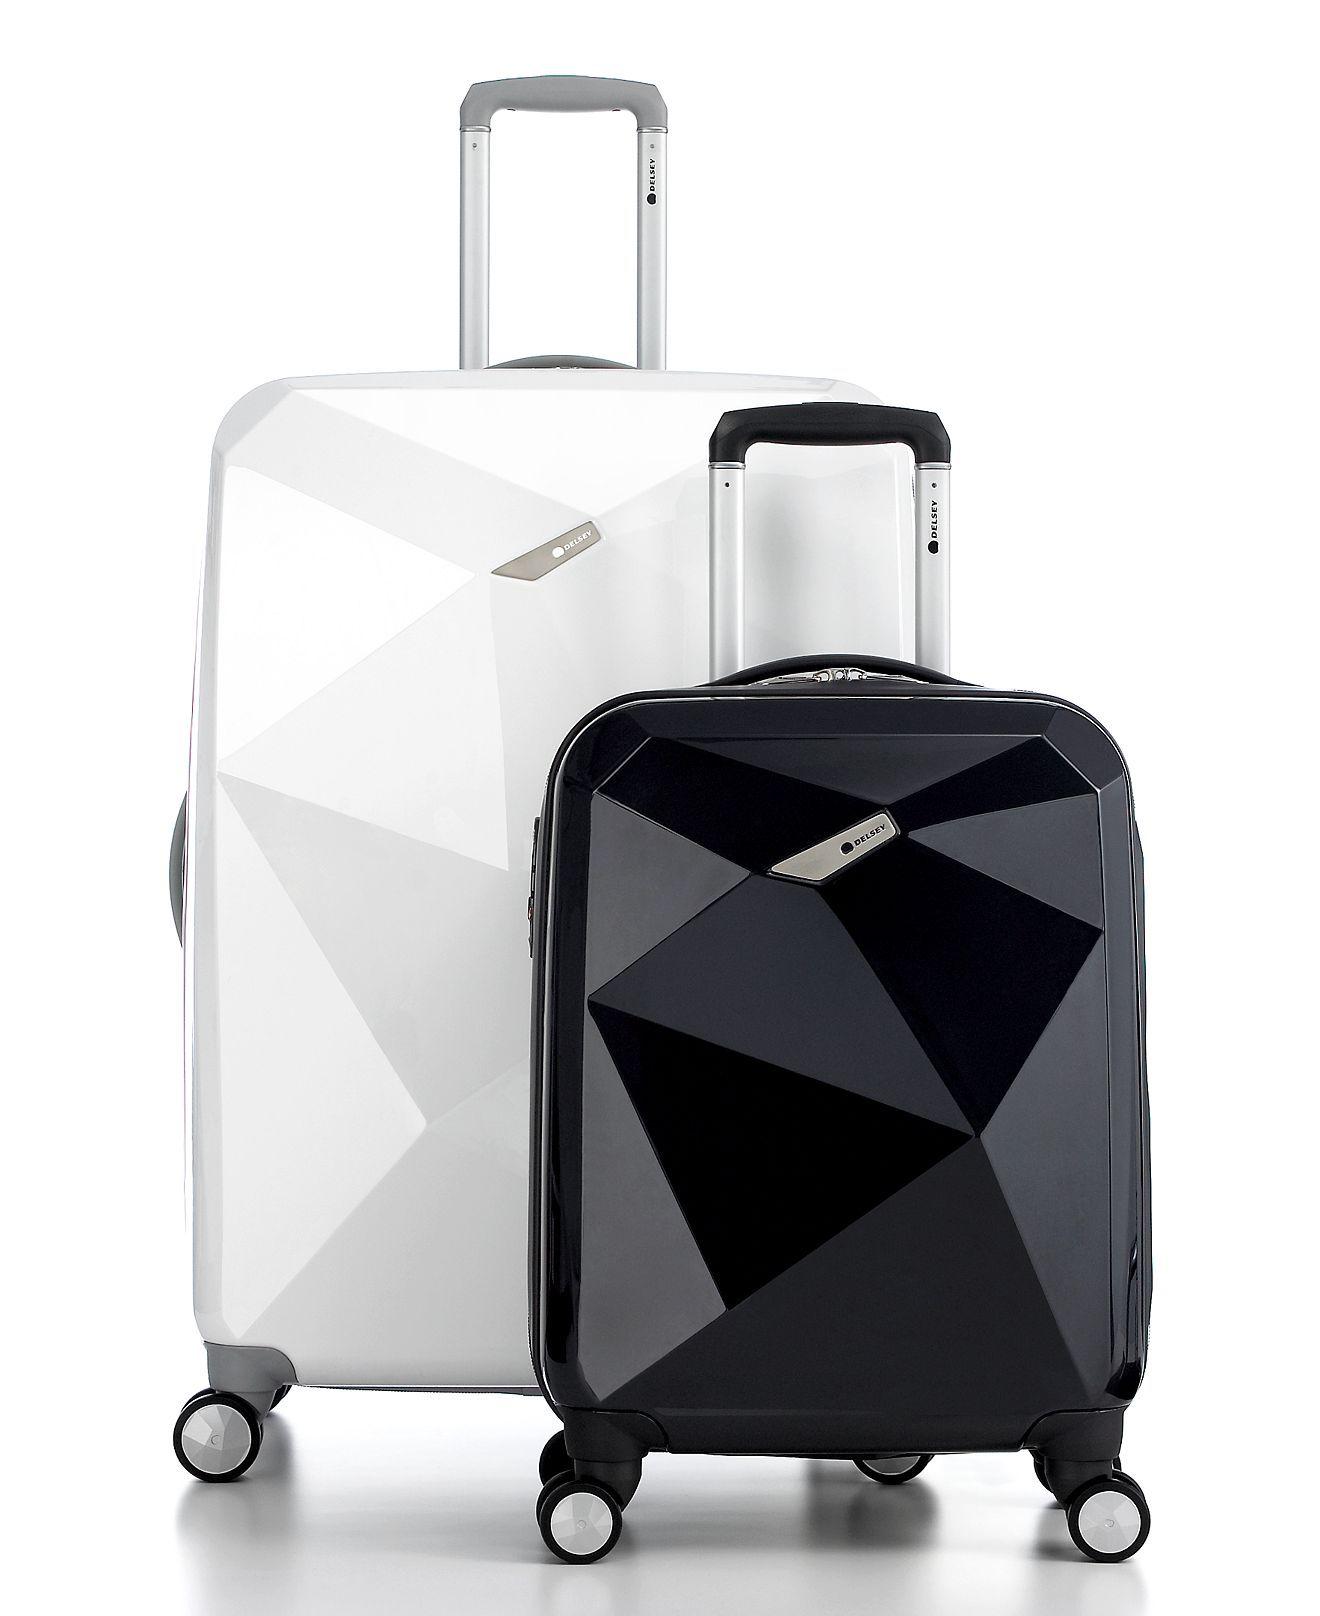 fbfb60109 Delsey Luggage, Karat Hardside | Bolsos | Maleta de Viaje, Maletas y ...